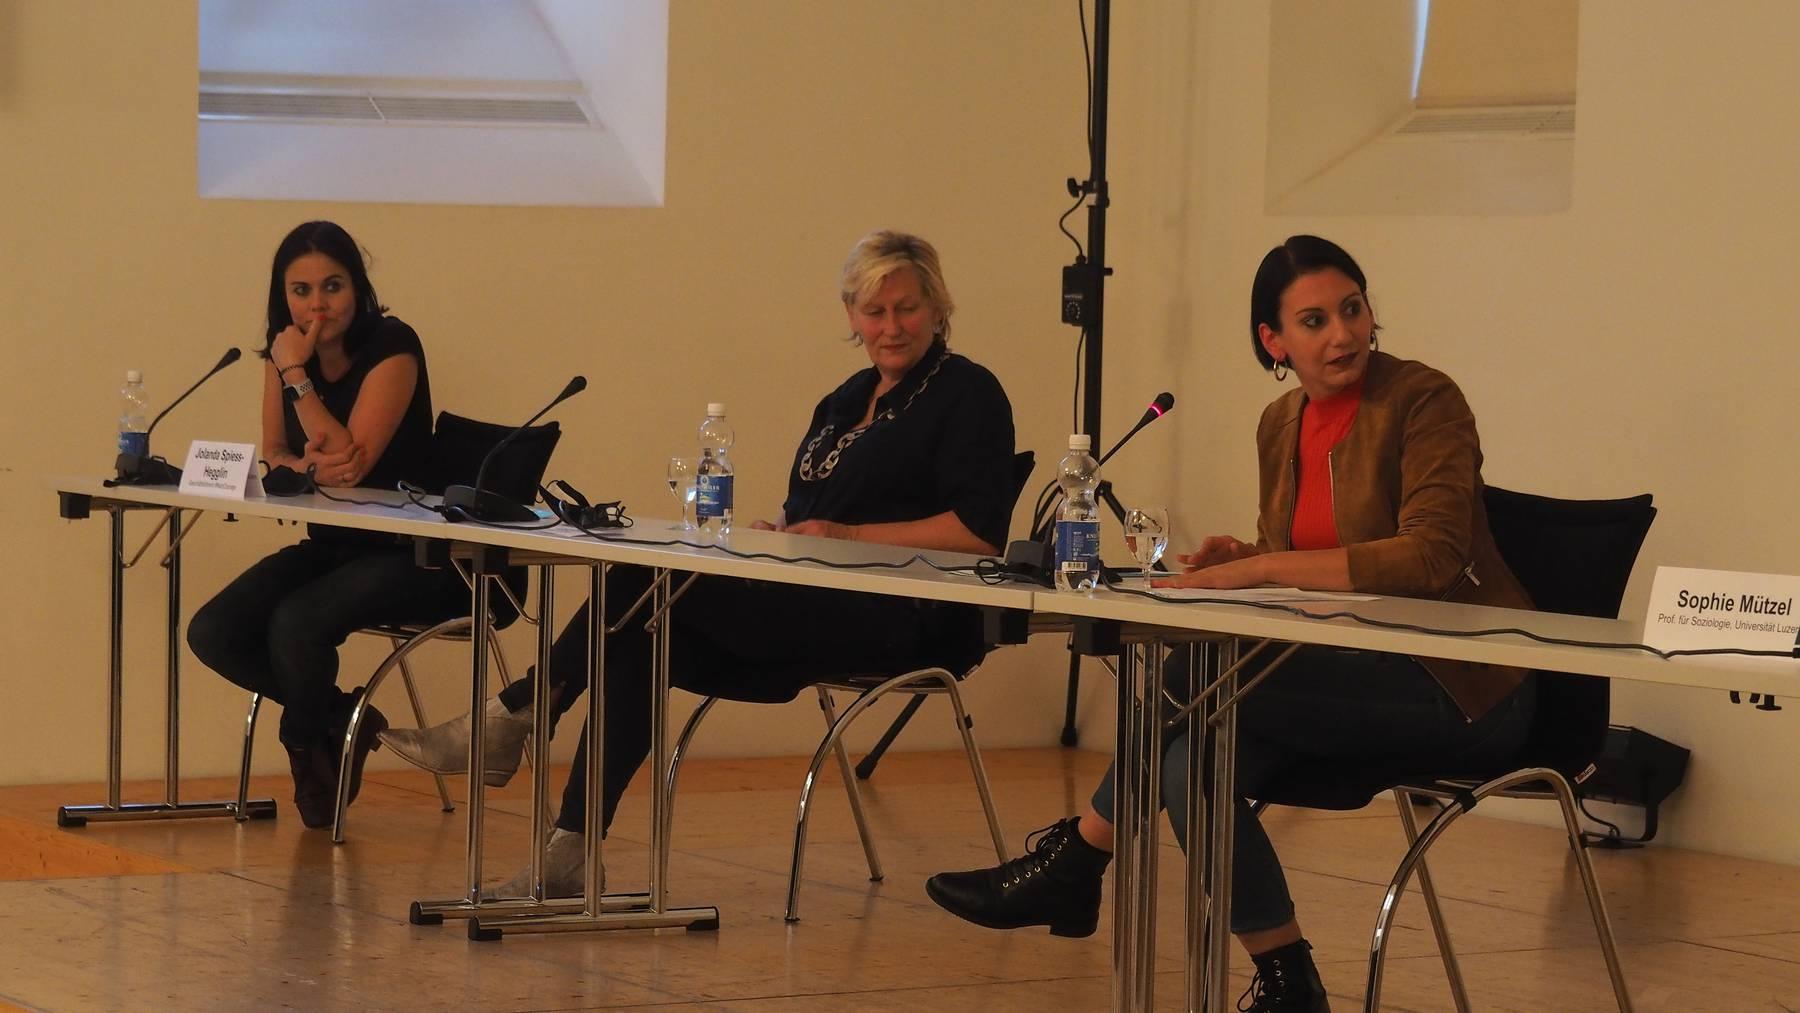 Veranstaltung Frauen und Medien, im Rahmen 50 Jahre Frauenstimmrecht